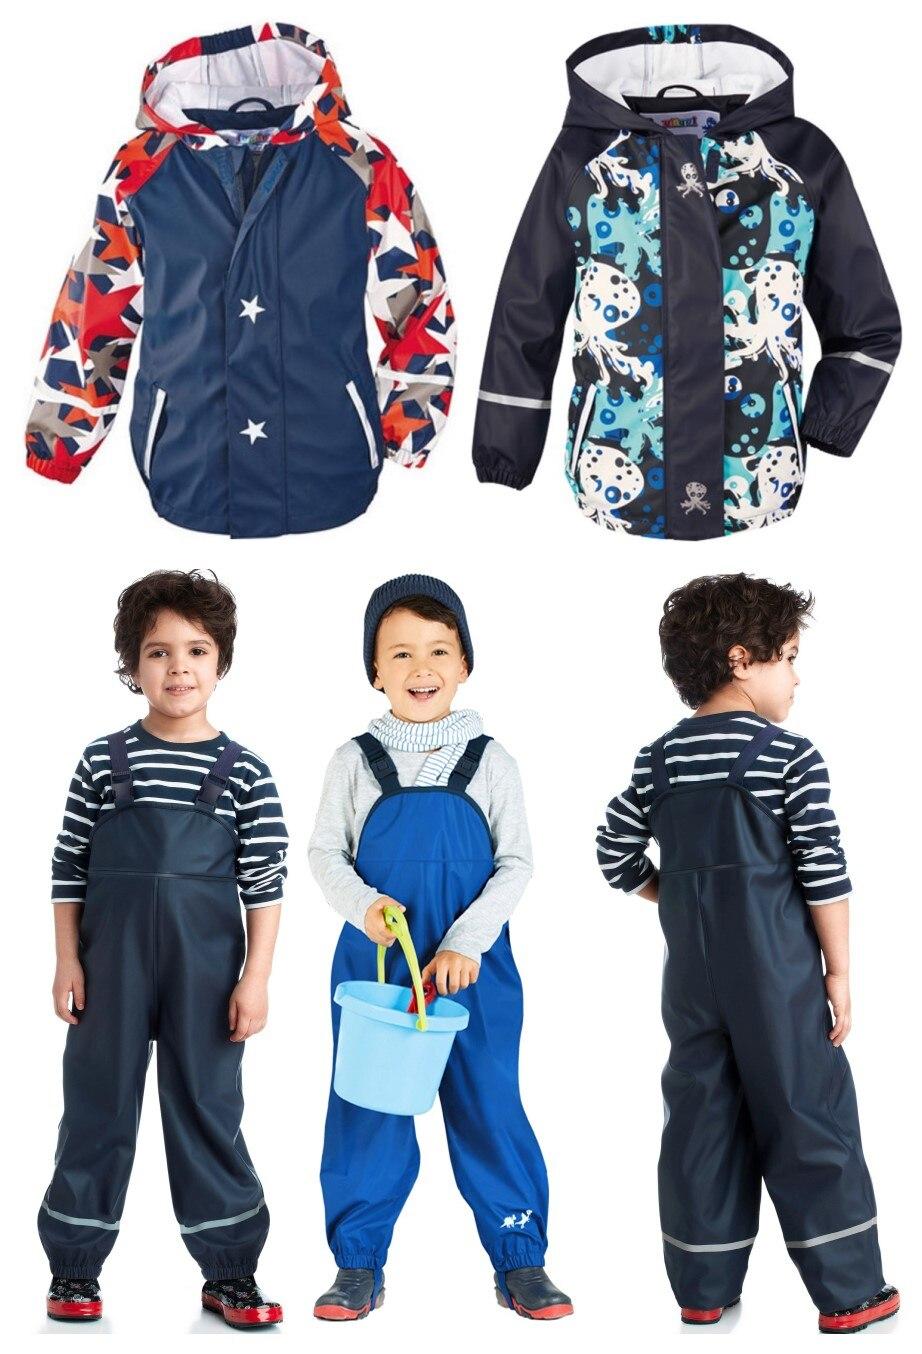 Printemps, été et automne garçons et filles enfants PU en cuir poncho imperméable coupe-vent veste extérieure + pantalon costume